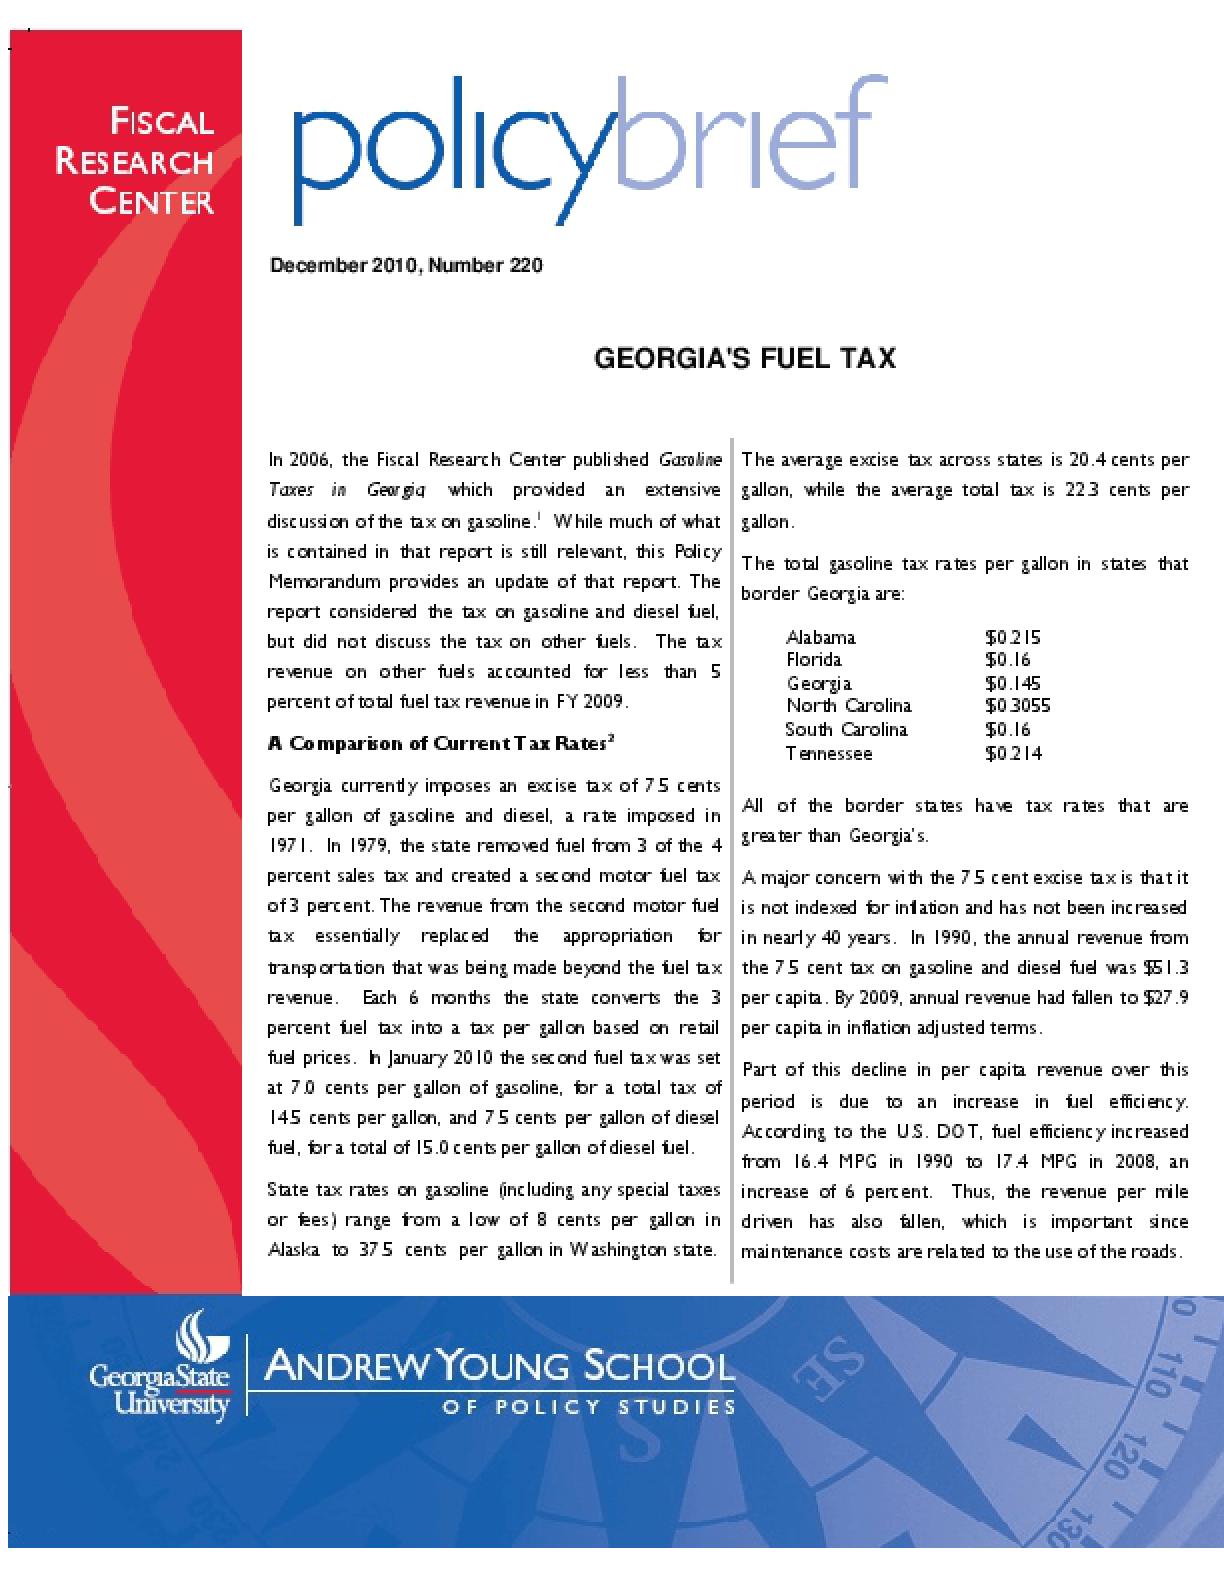 Georgia's Fuel Tax